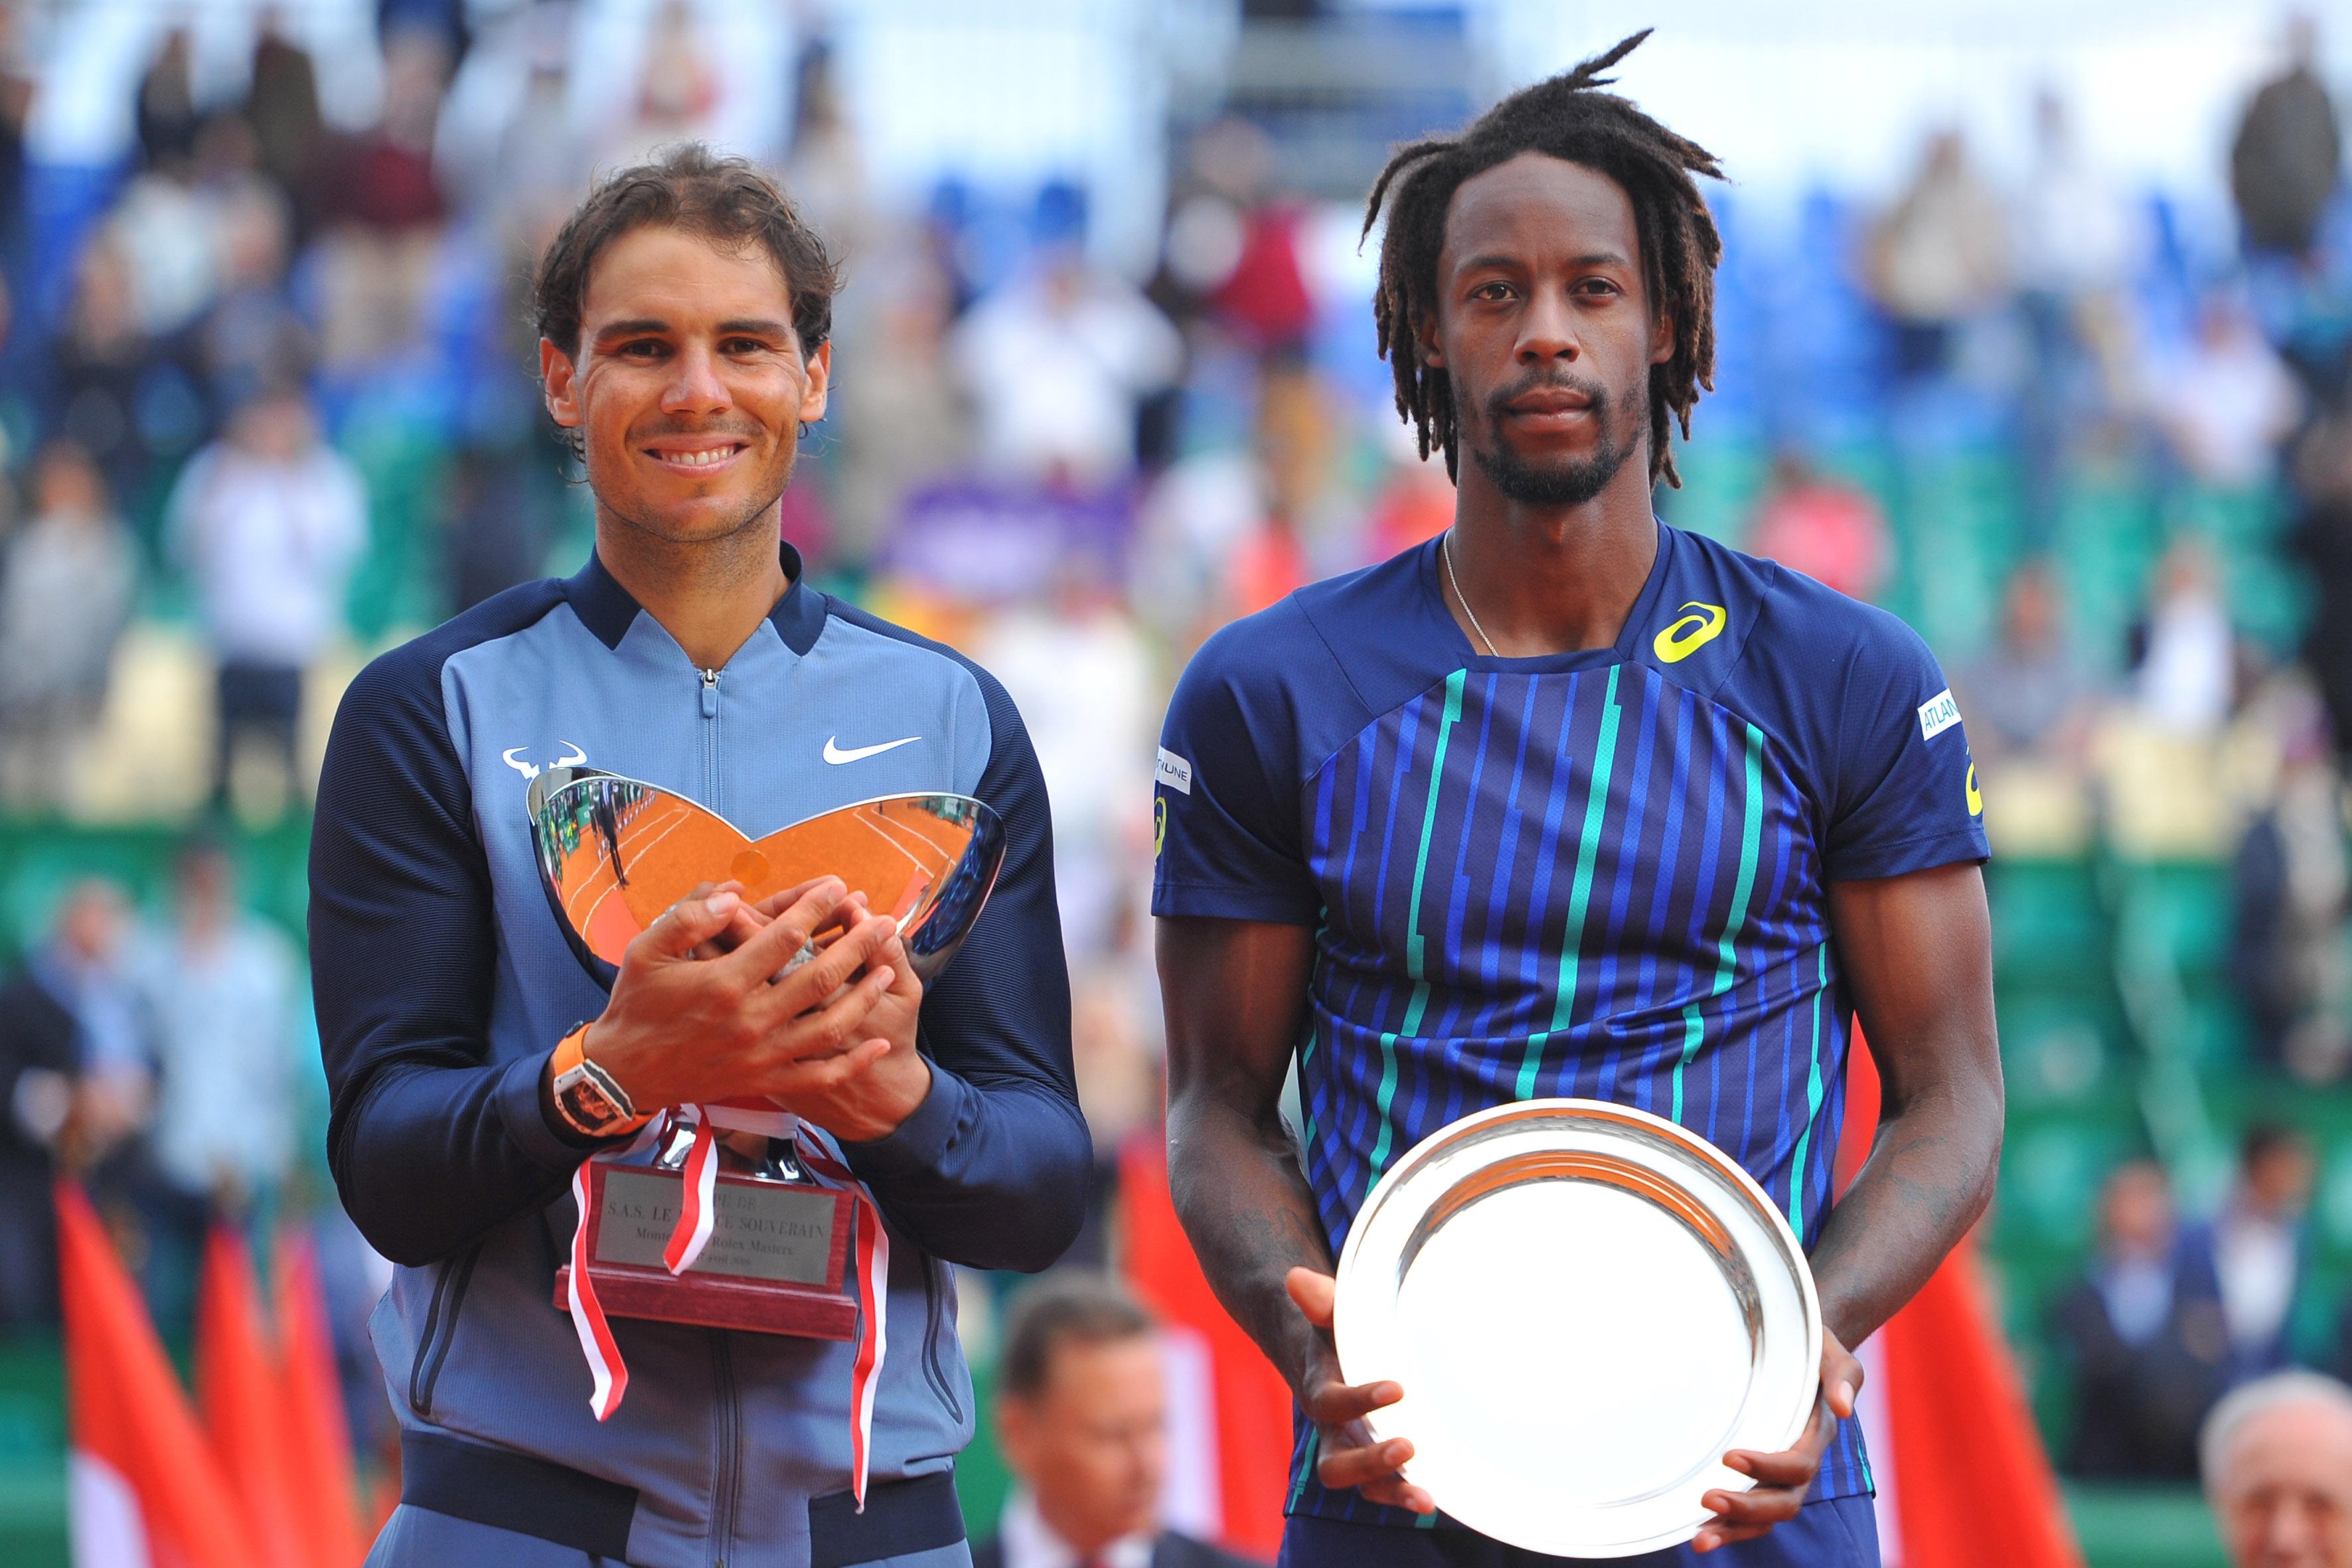 Tennis - Open Australie - Pour terrasser Nadal, Monfils doit vaincre ses démons